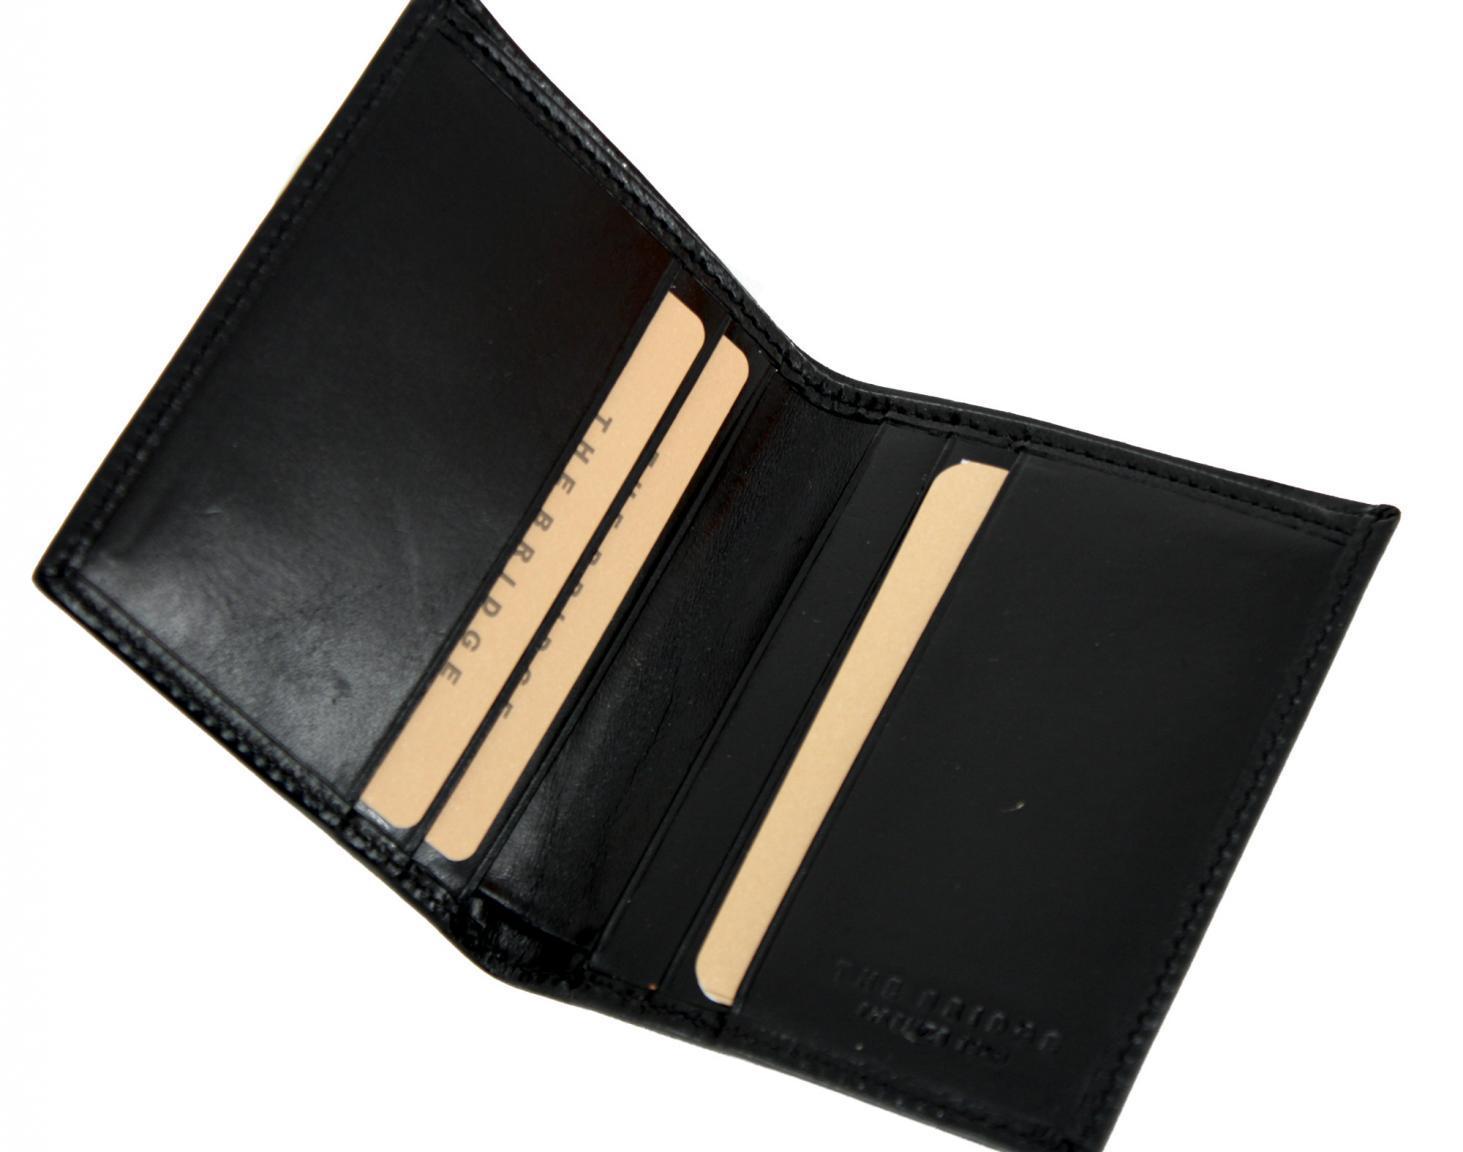 The Bridge kleine Herrengeldbörse ohne Münzfach schwarz